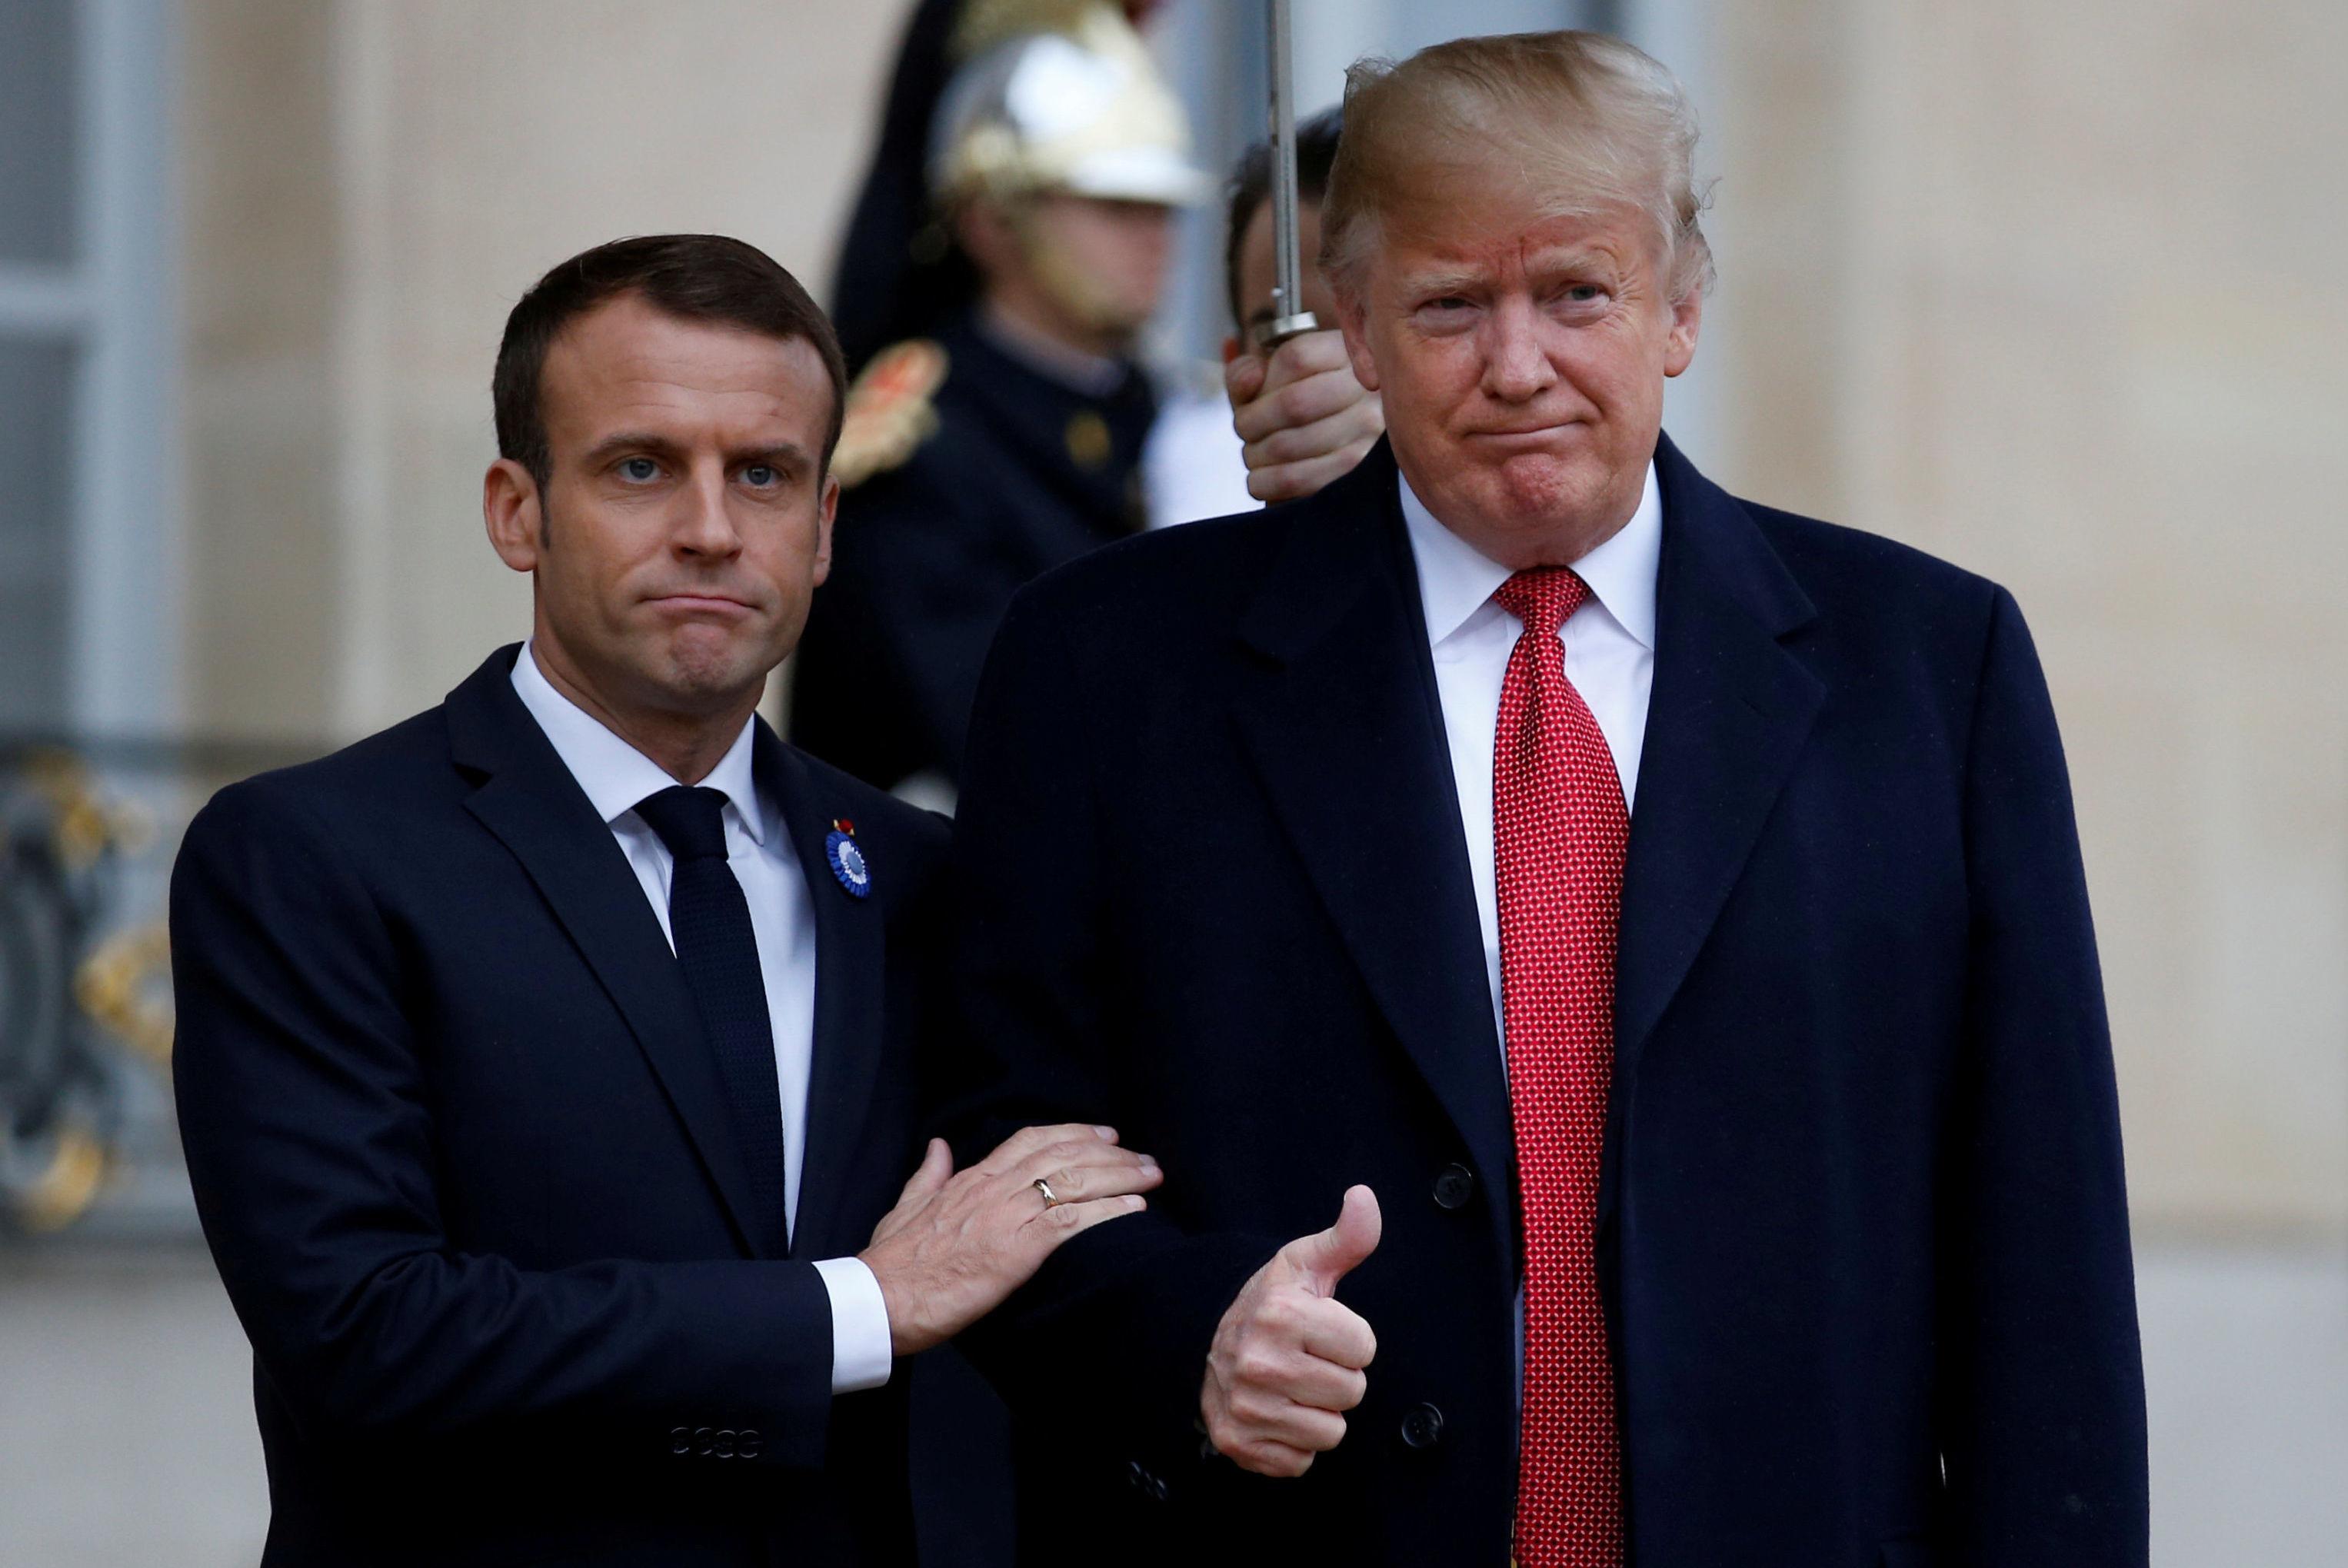 Presidente francês, Emmanuel Macron (à esquerda), saúda seu homólogo estadunidense, Donald Trump, na entrada do Palácio do Eliseu, em Paris